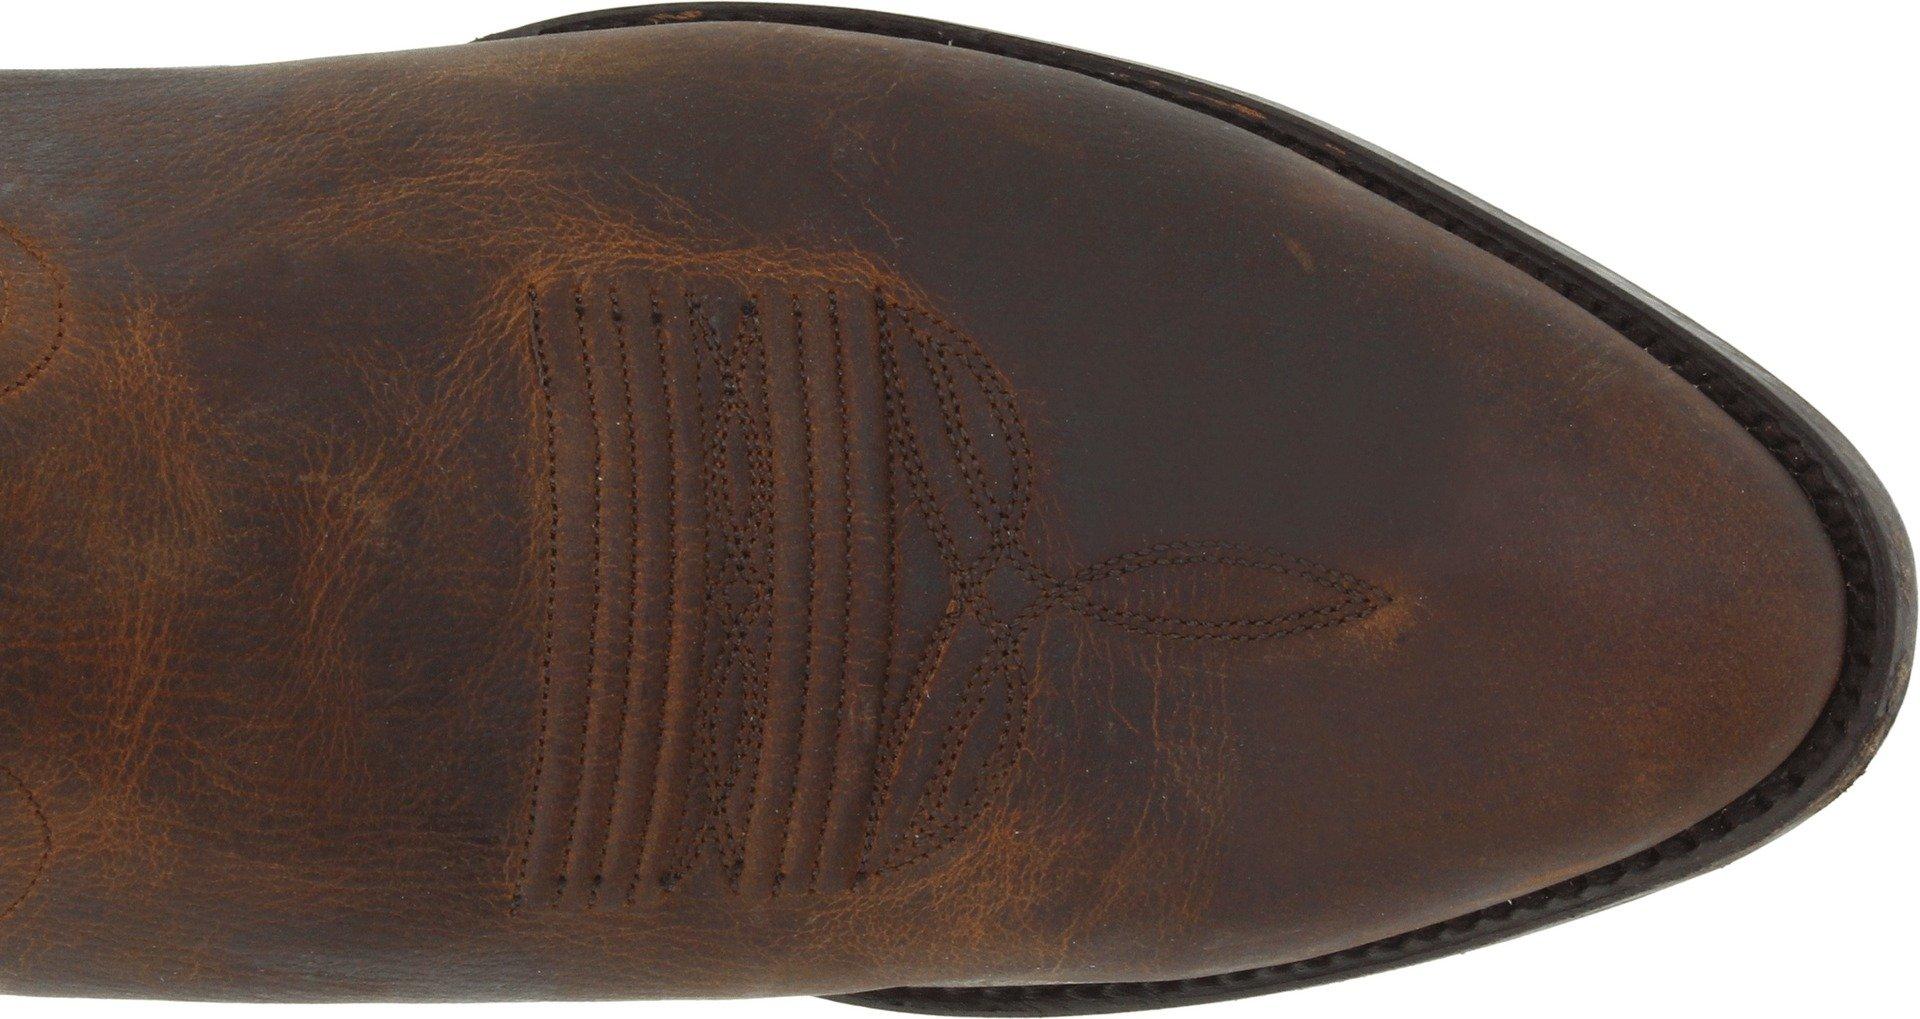 Dan Post Men's Renegade Western Boot,Bay Apache,11 D US by Dan Post Boot Company (Image #7)